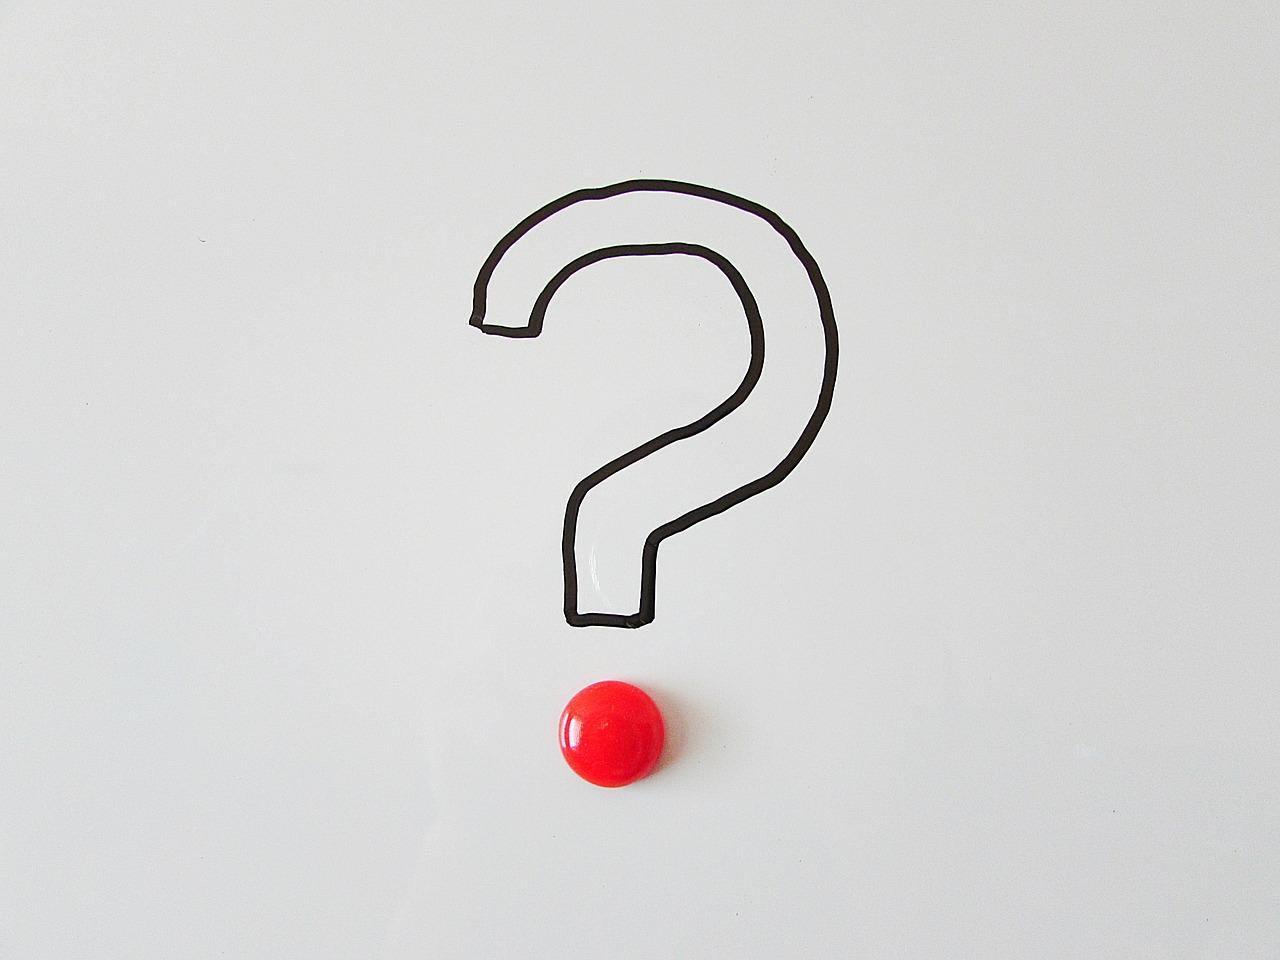 【アイスブレイククイズ 20問】研修に最適!!雰囲気を和らげるための面白い問題!